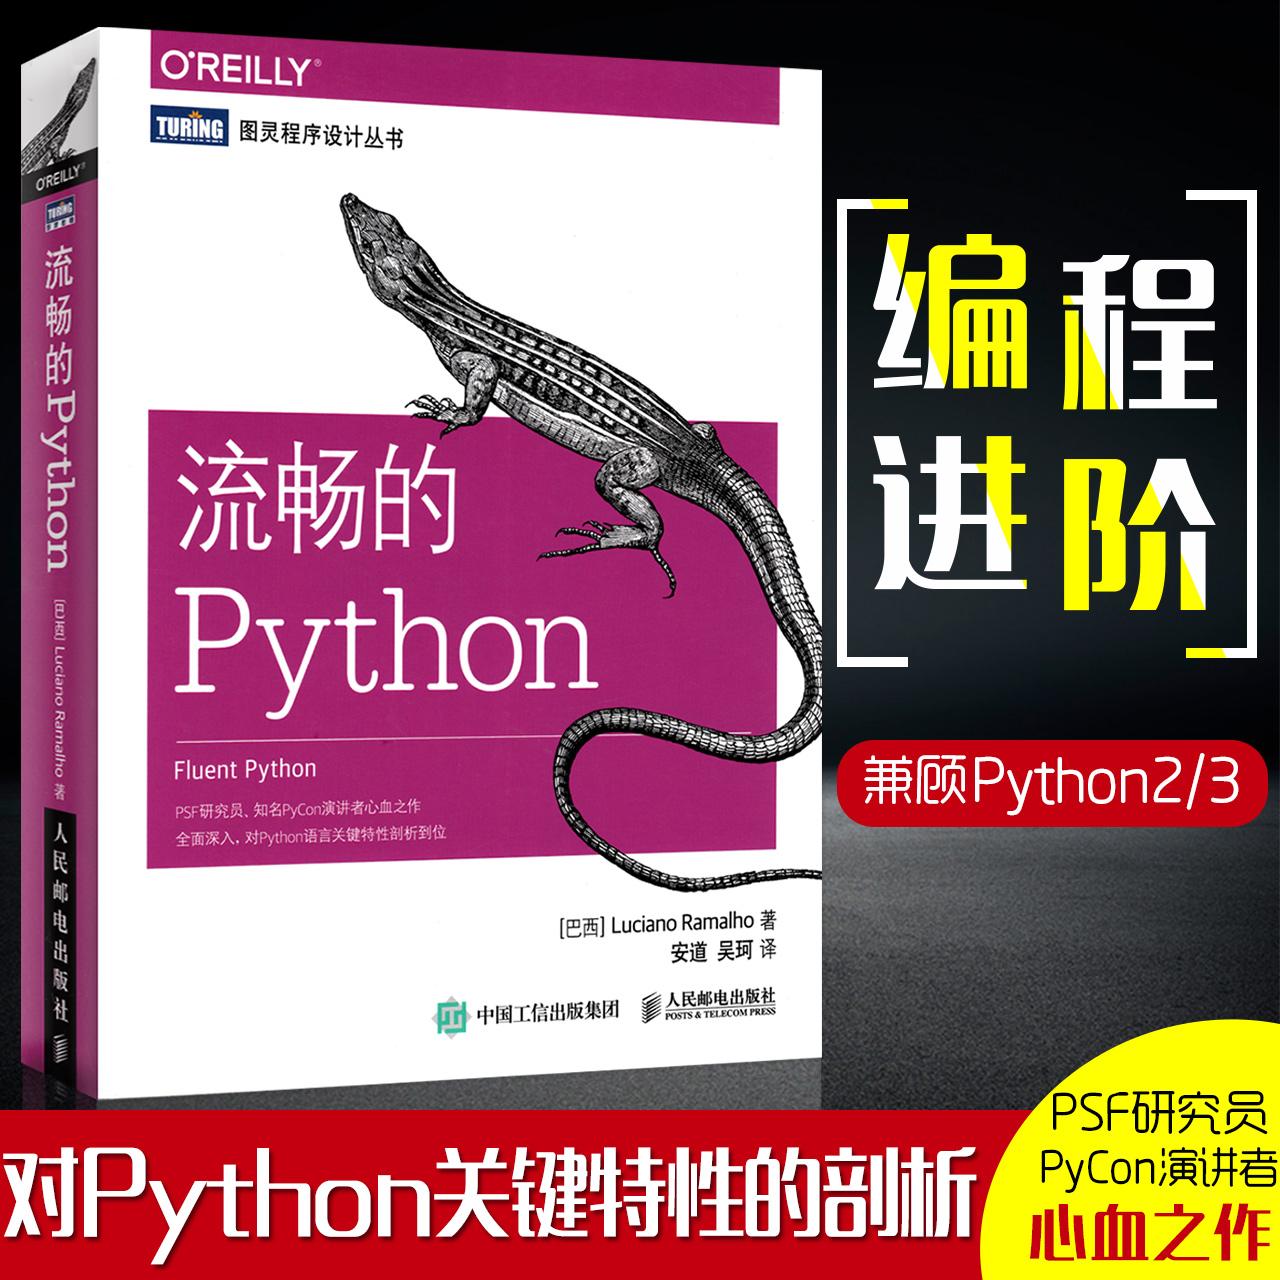 流畅的Python 编程从入门到实践 python代码大全 python入门到精通进阶书籍 Python语言编程程序设计书 Python软件开发技术书籍